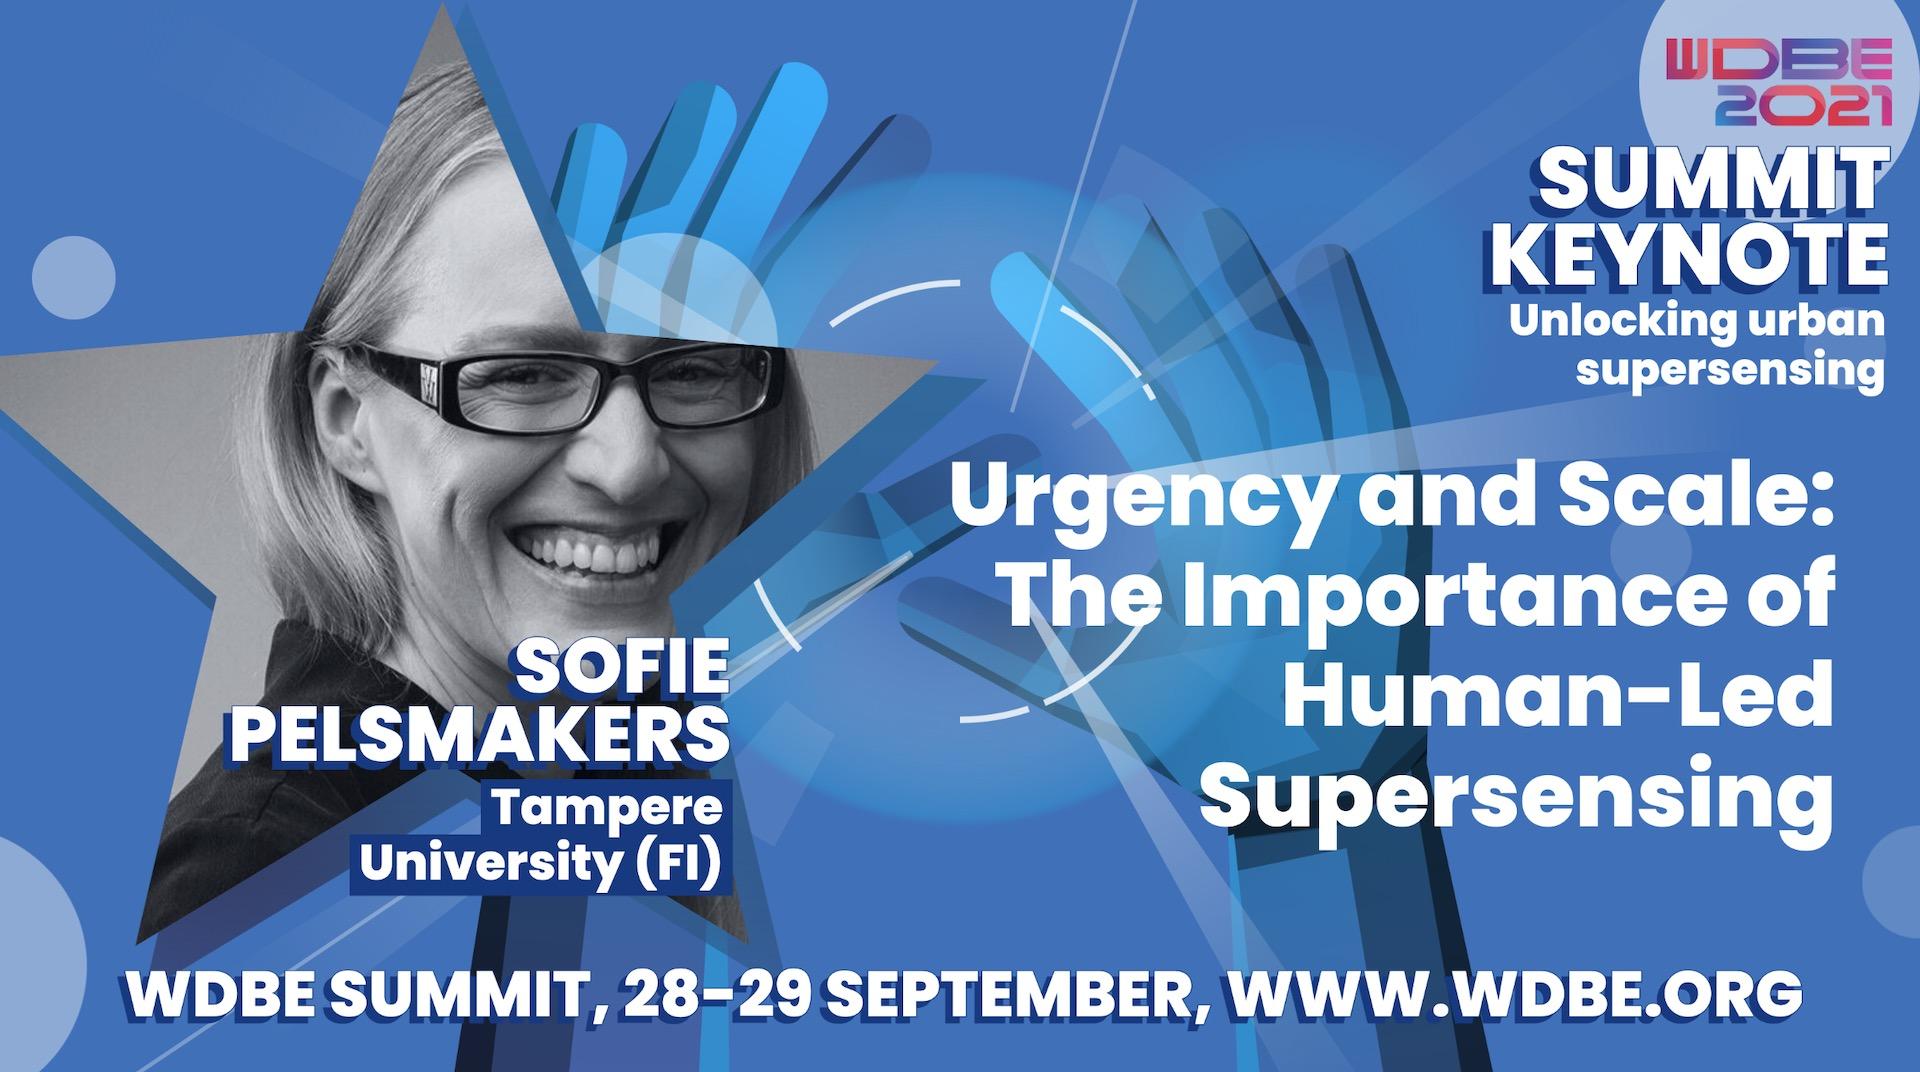 Sofie Pelsmakers keynote